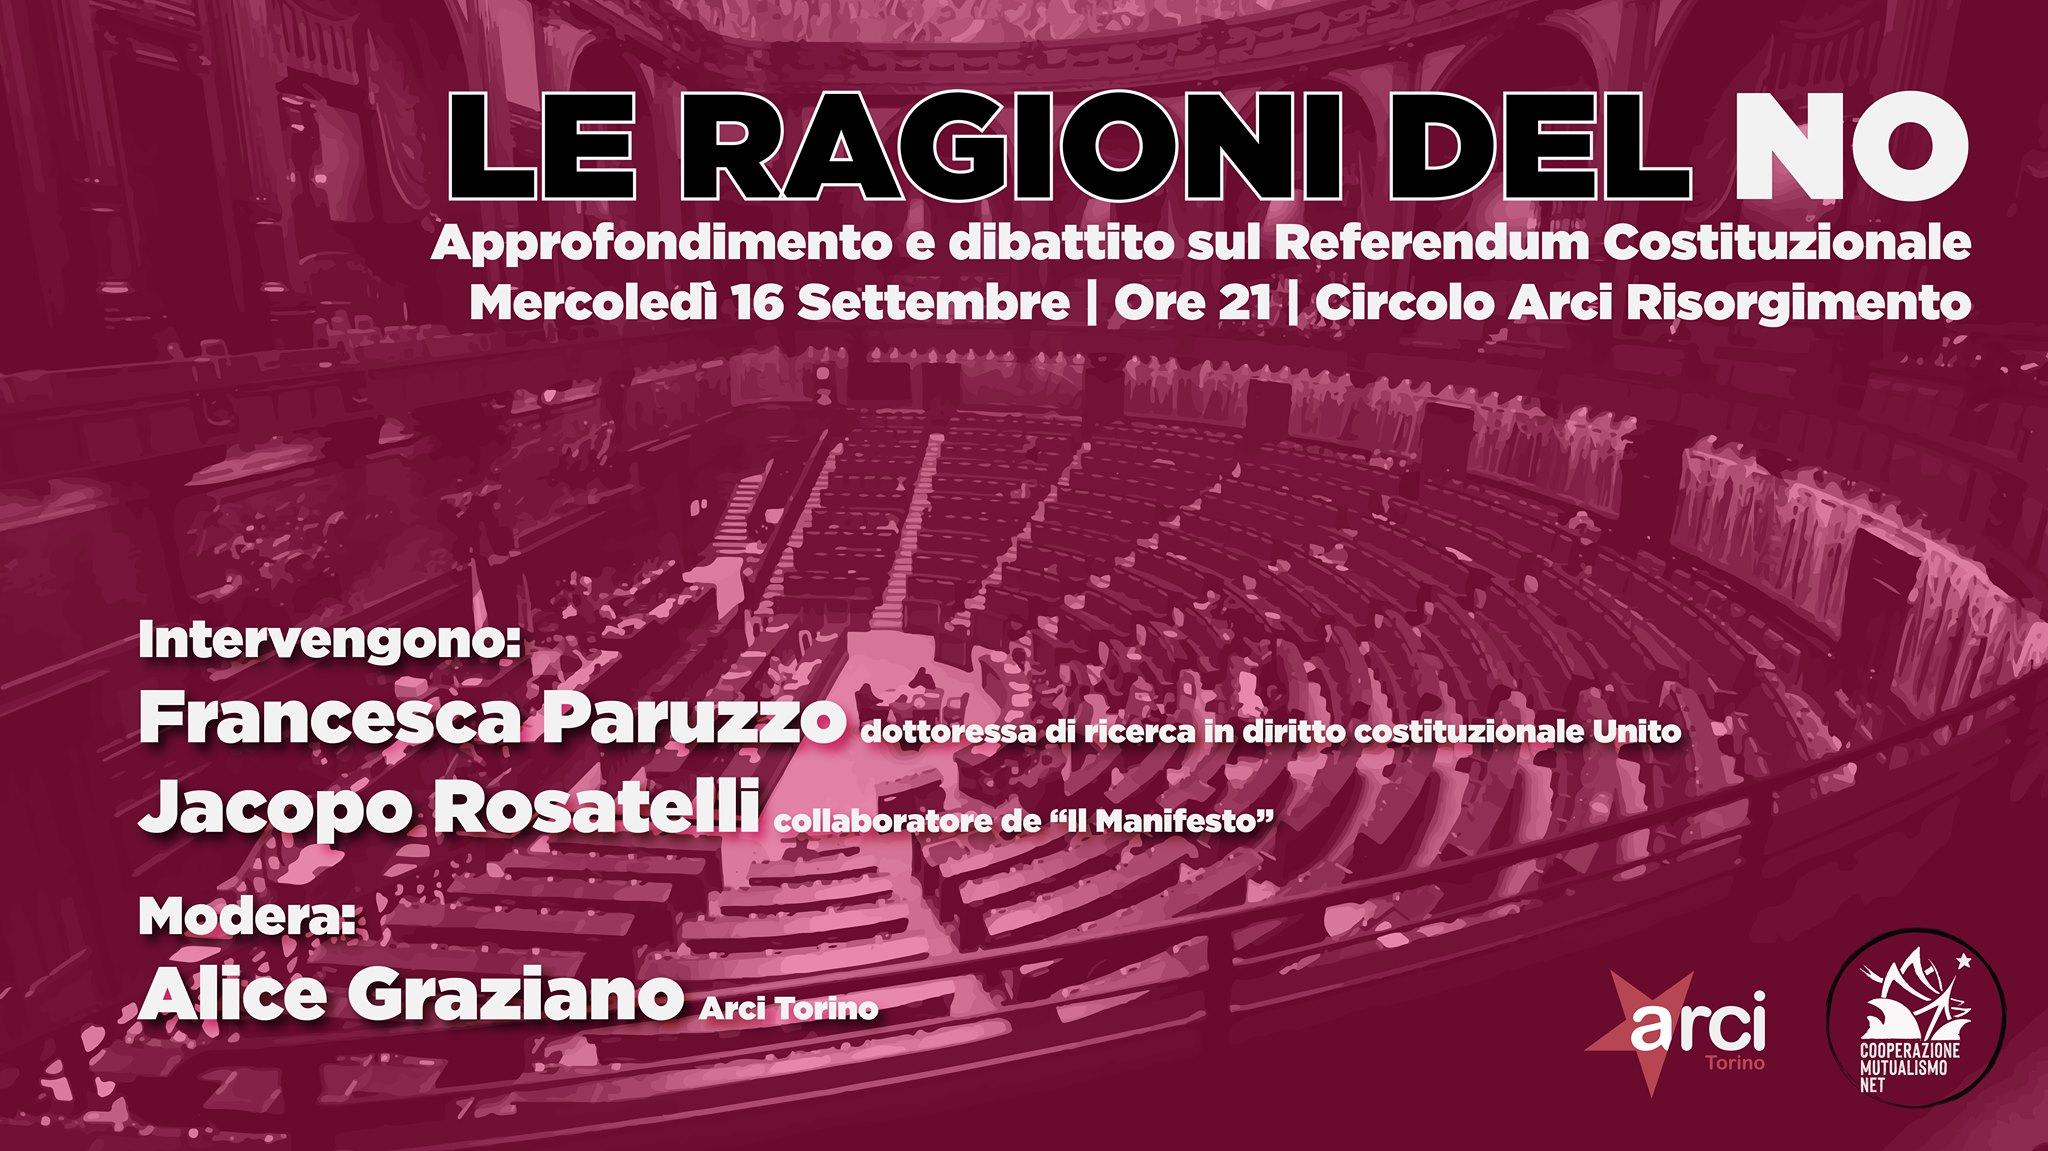 Referendum 2020 sul taglio dei parlamentari: le ragioni del NO